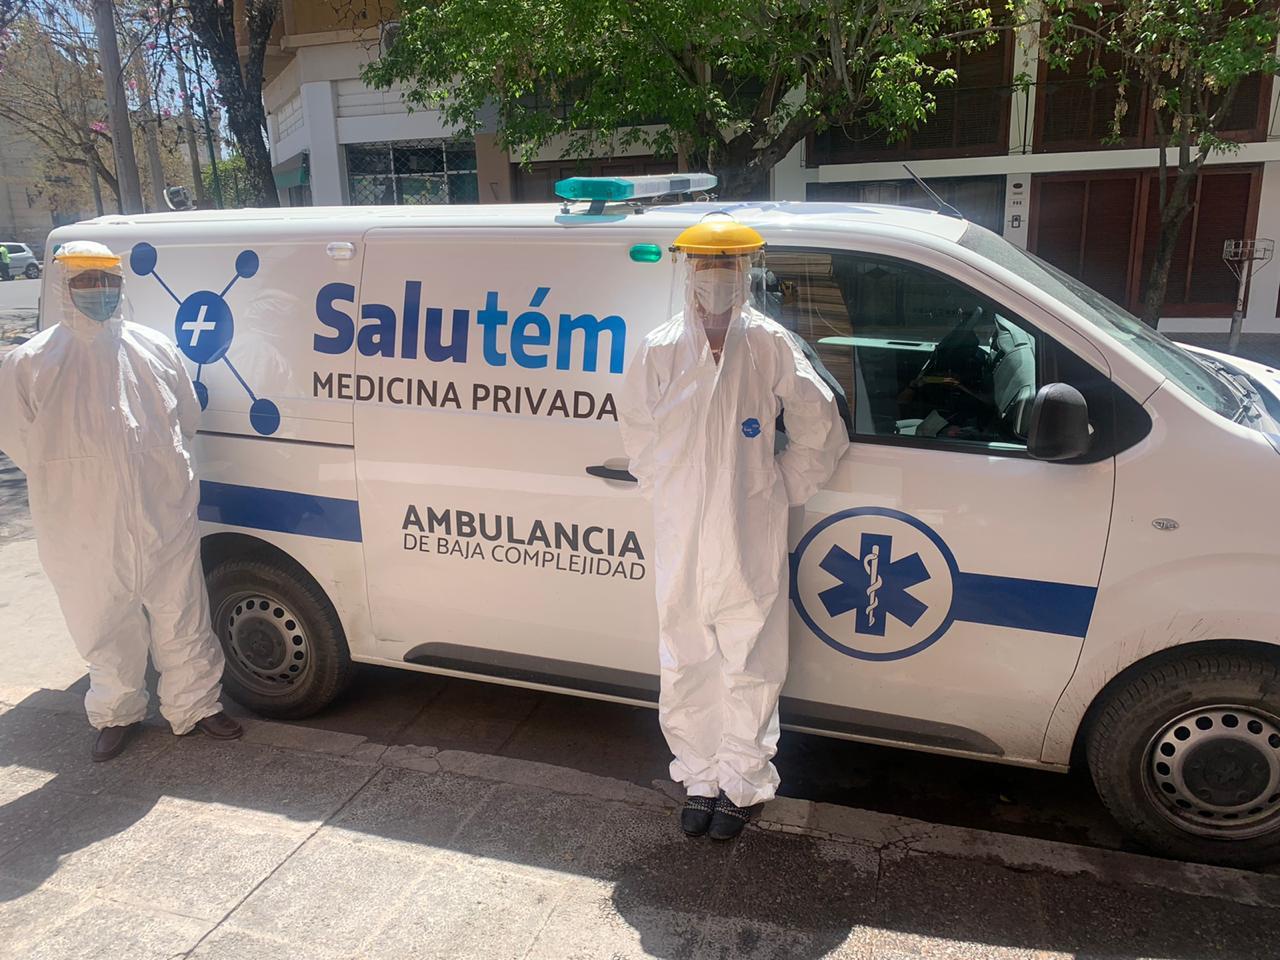 ambulancia salutem